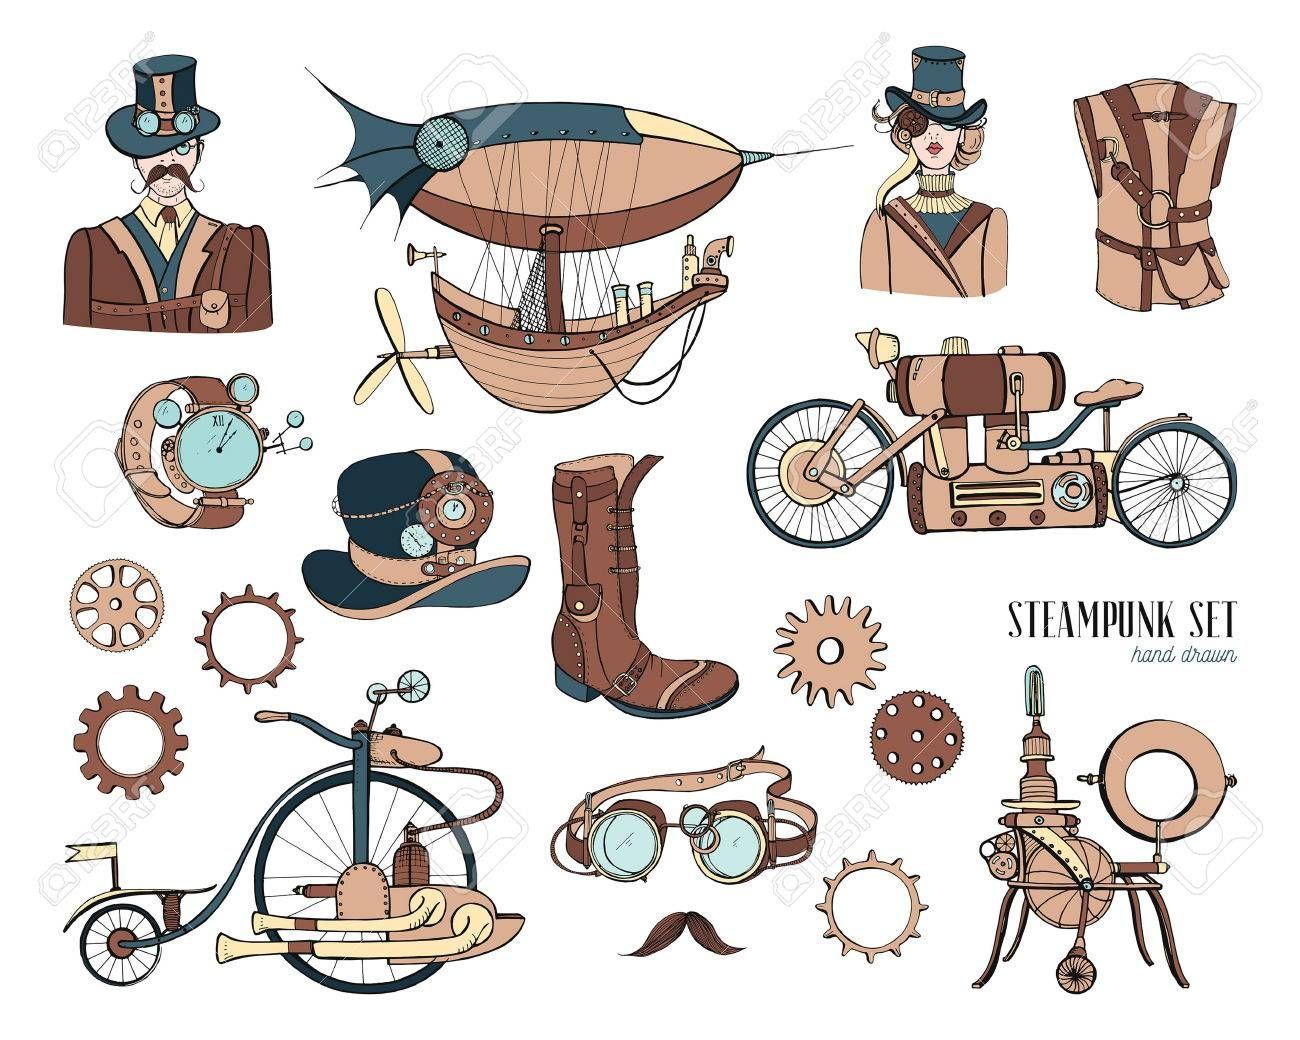 Objetos De Steampunk Y Coleccion De Mecanismos Maquina Ropa Gente Y Engranajes Dibujado A Mano Conjunto De Ilustracion De Estilo Vintage Engranajes Dibujo Manos Dibujo Steampunk